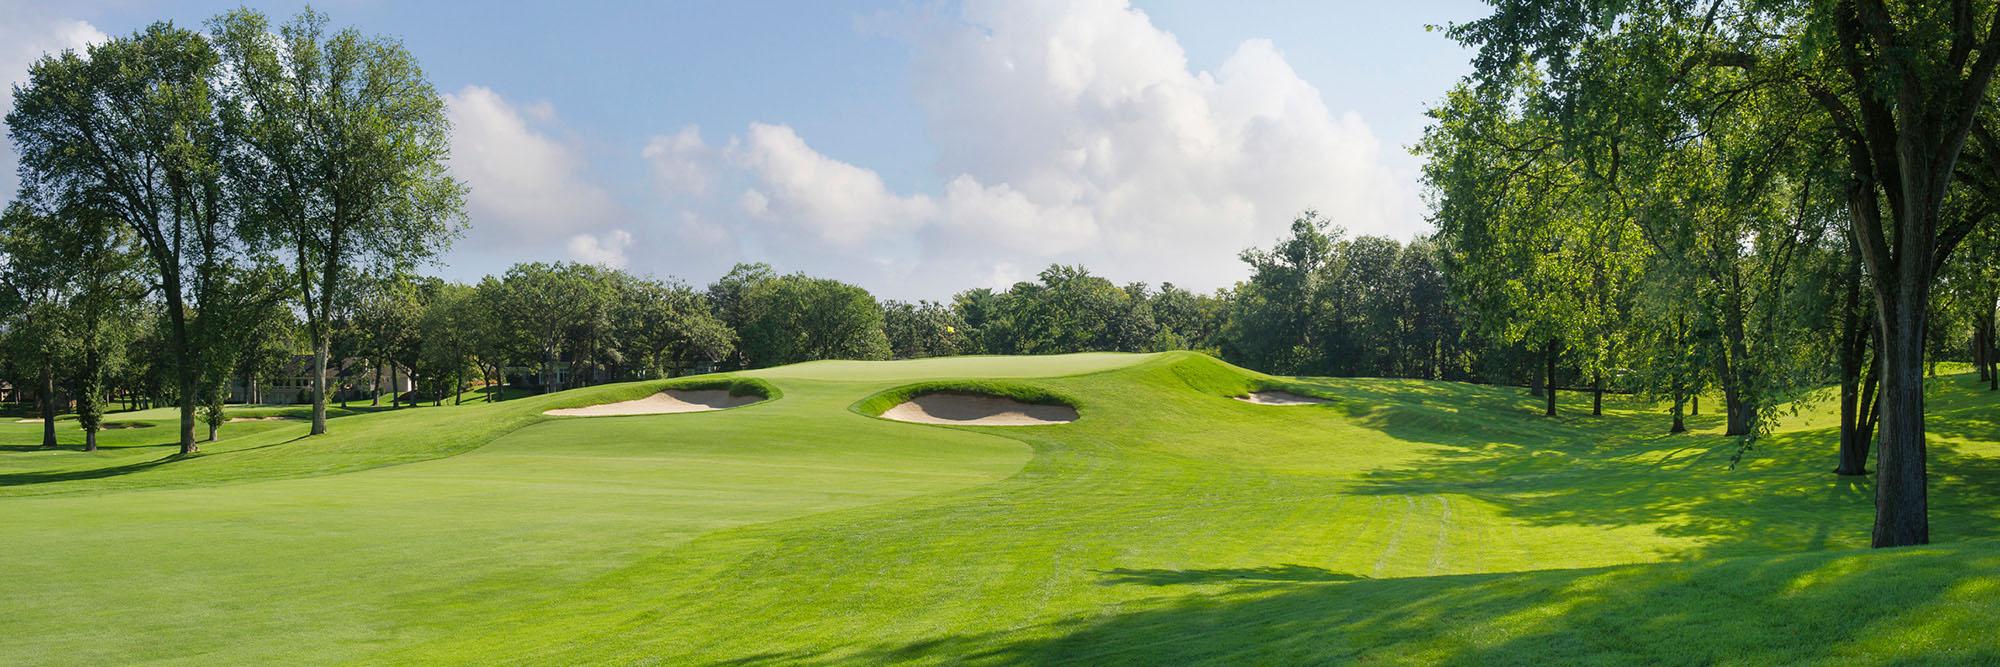 Golf Course Image - Interlachen No. 10